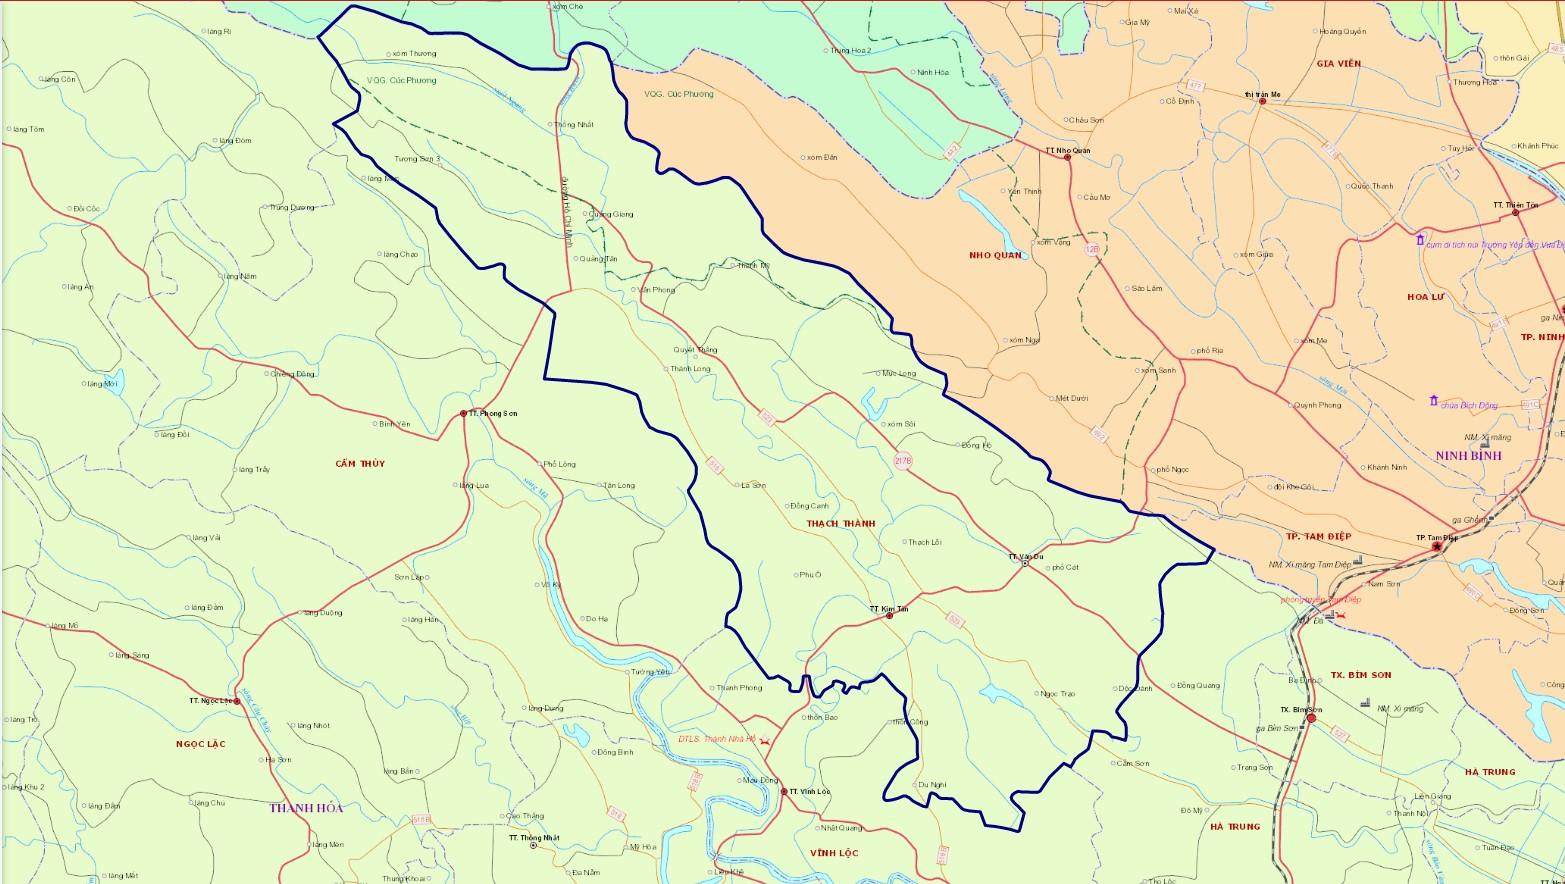 Bản đồ hành chính huyện Thạch Thành